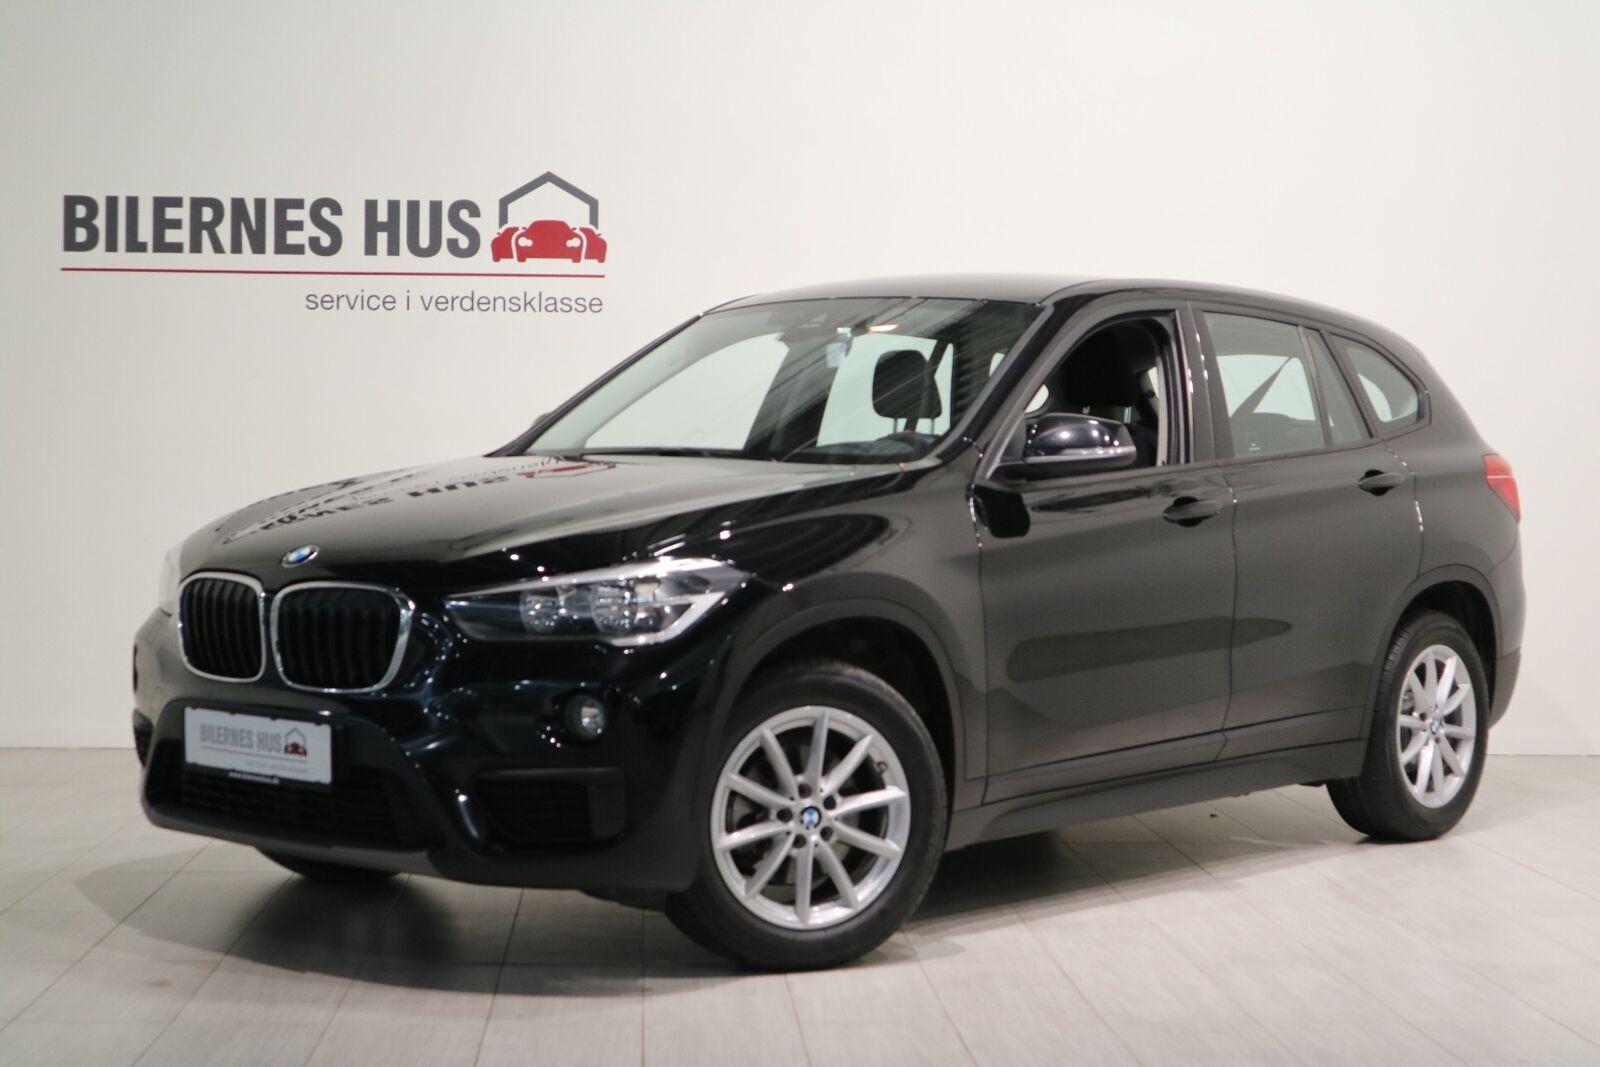 BMW X1 Billede 0